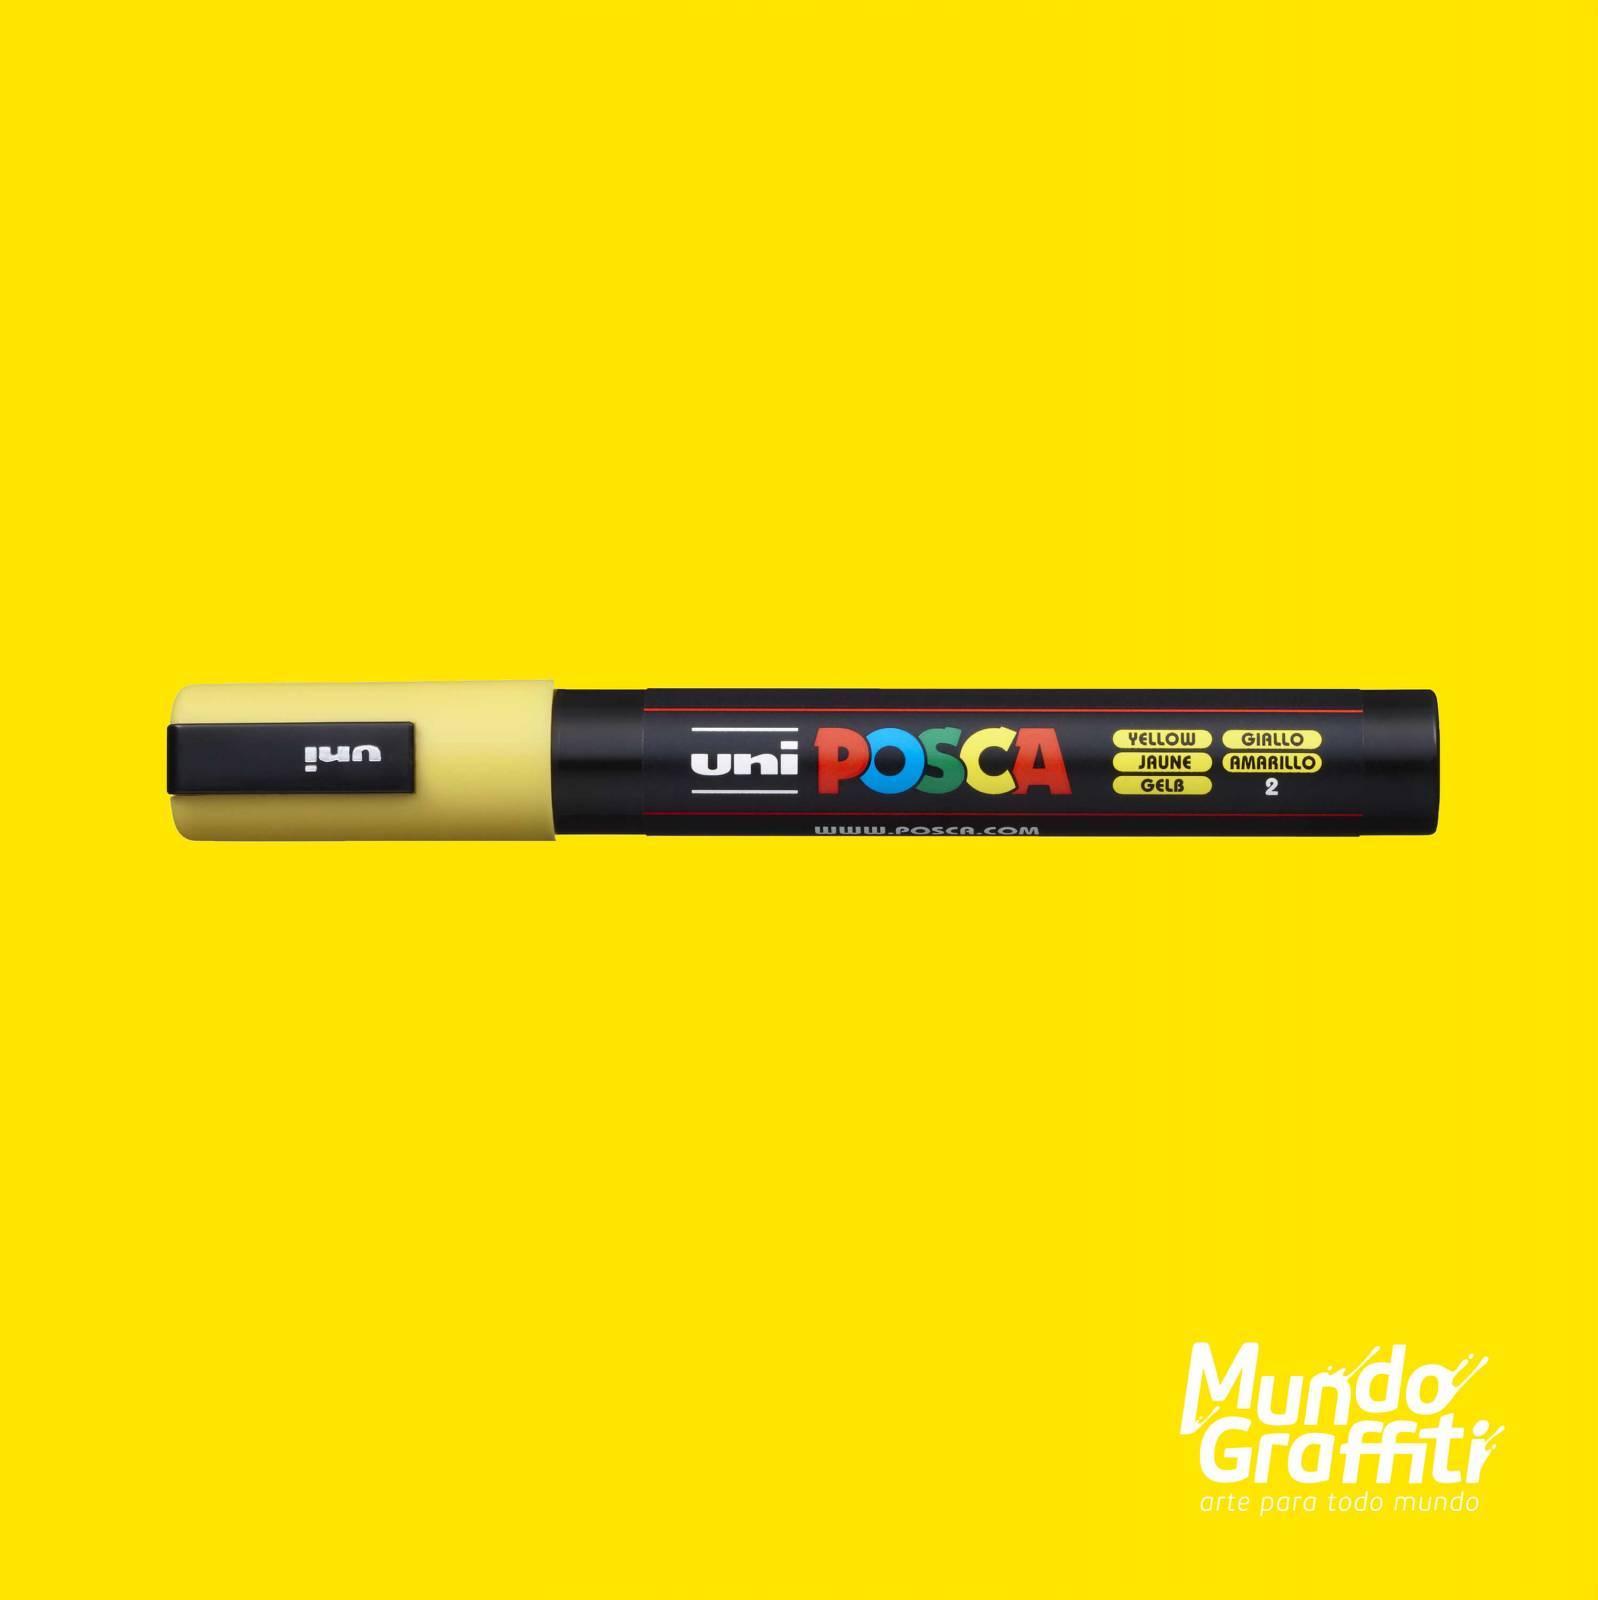 Caneta Posca 5M Amarelo - Mundo Graffiti